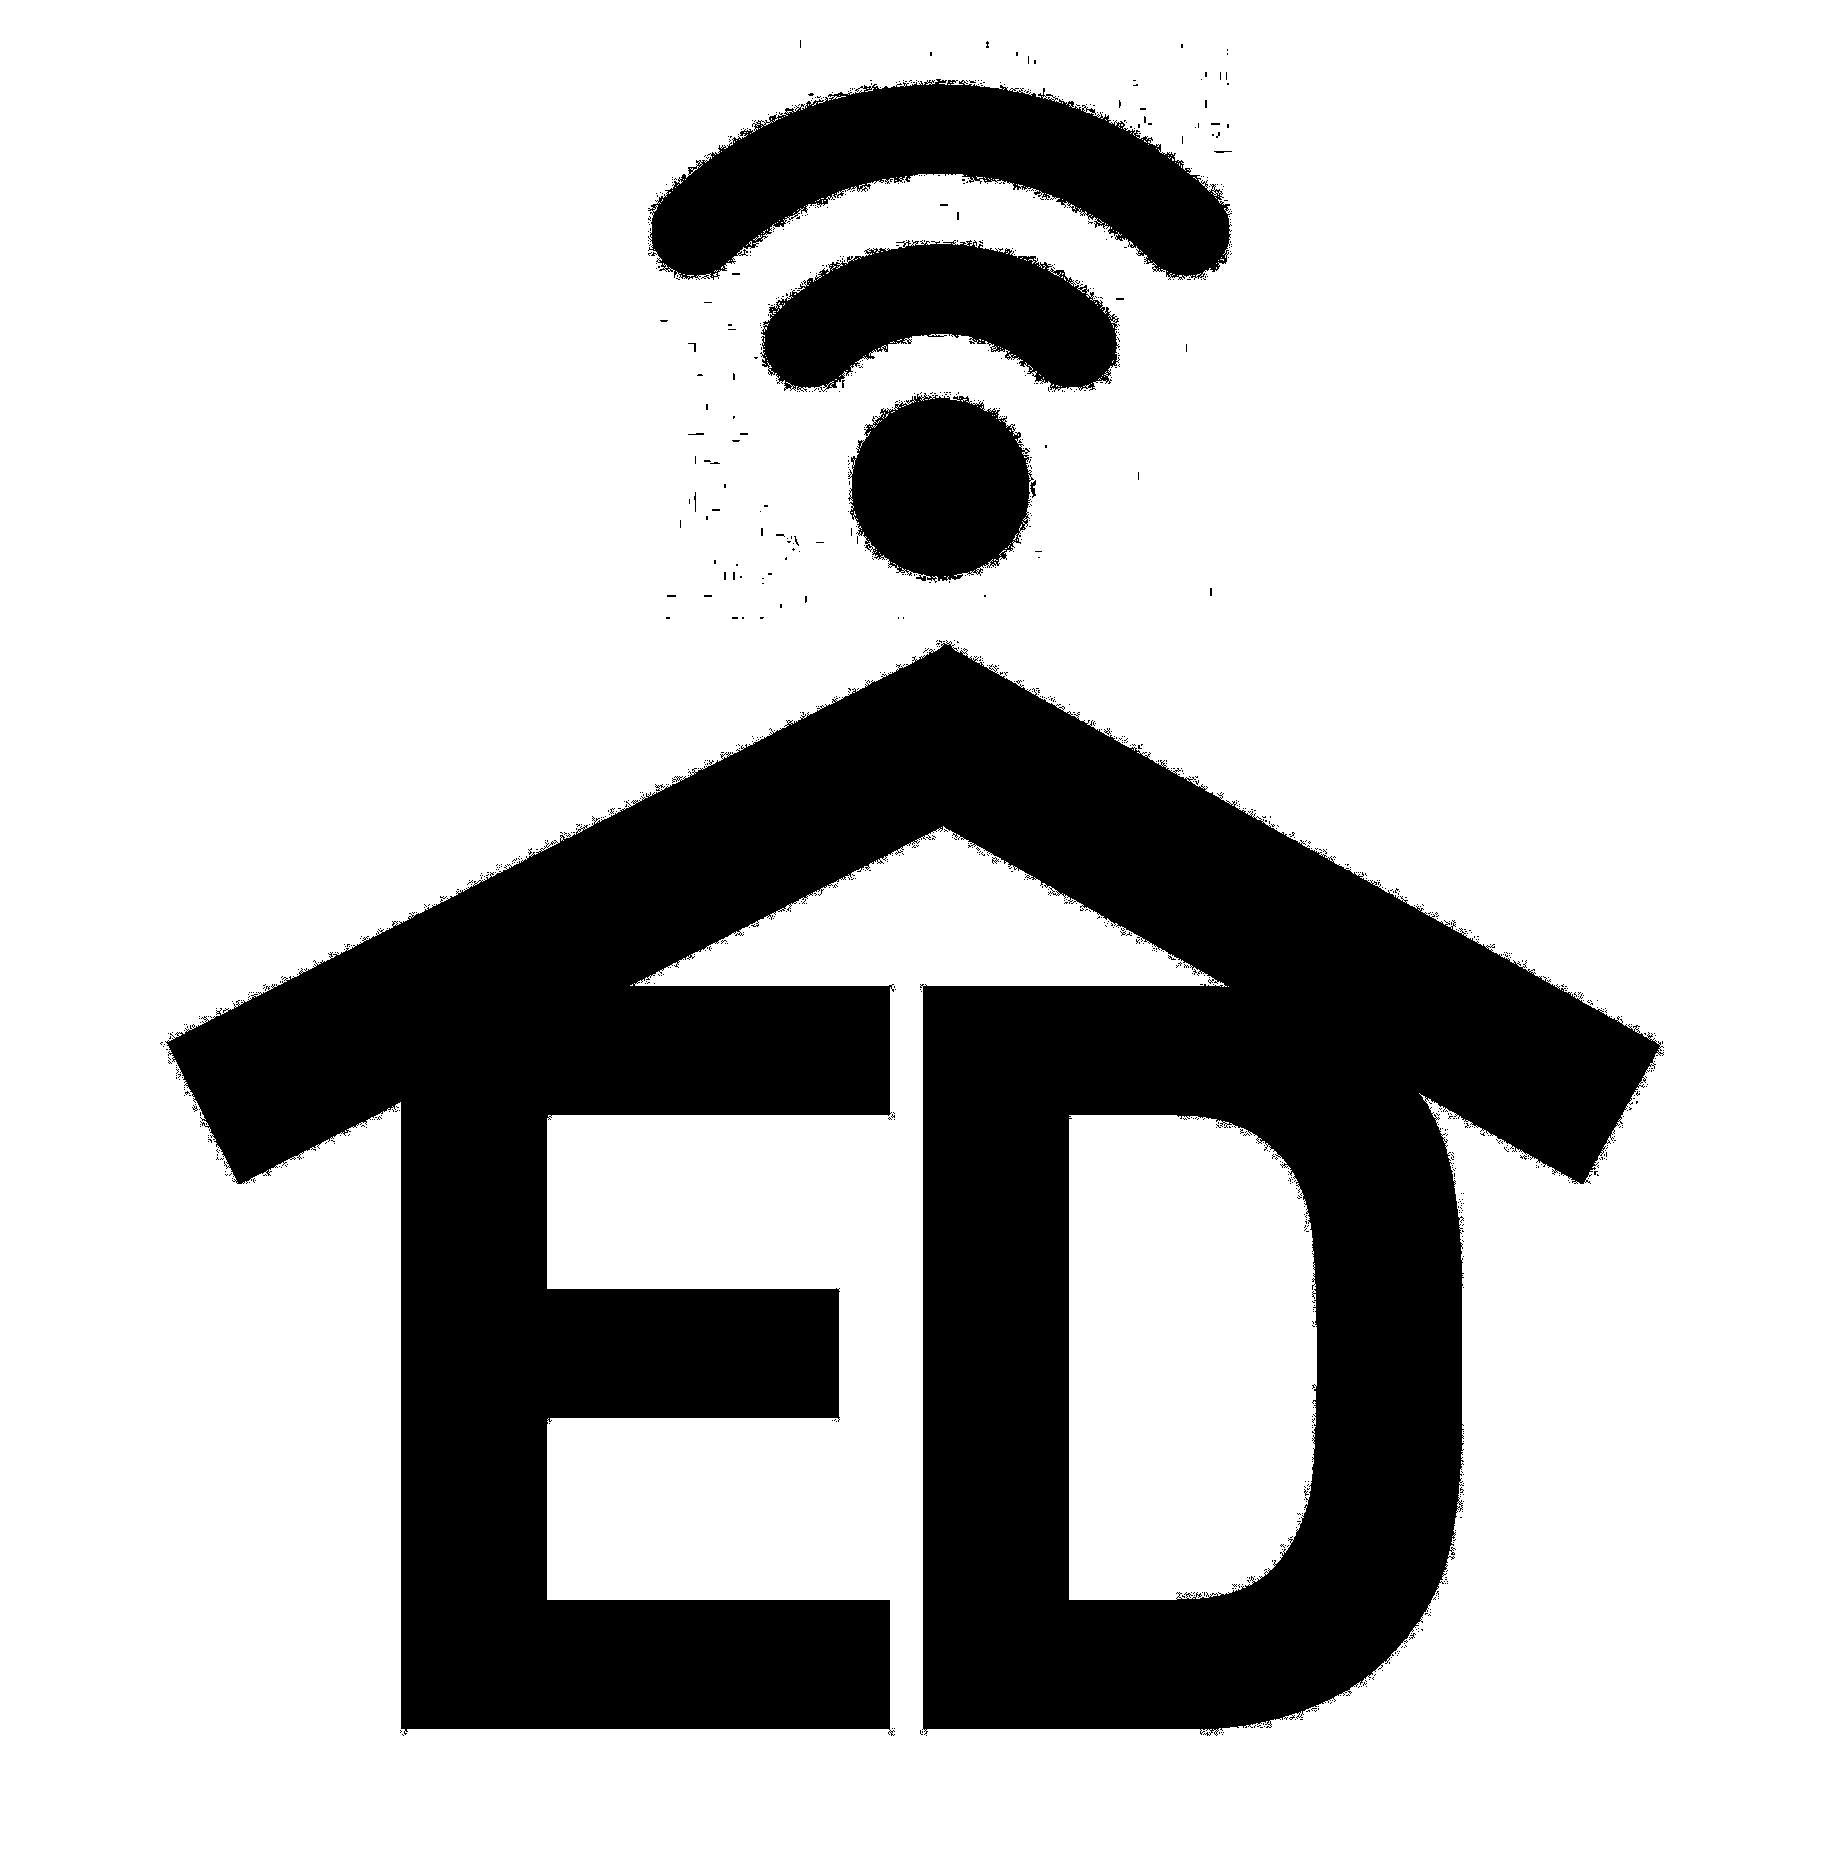 logo-escuela-digitalsin-letra-negro-transparente